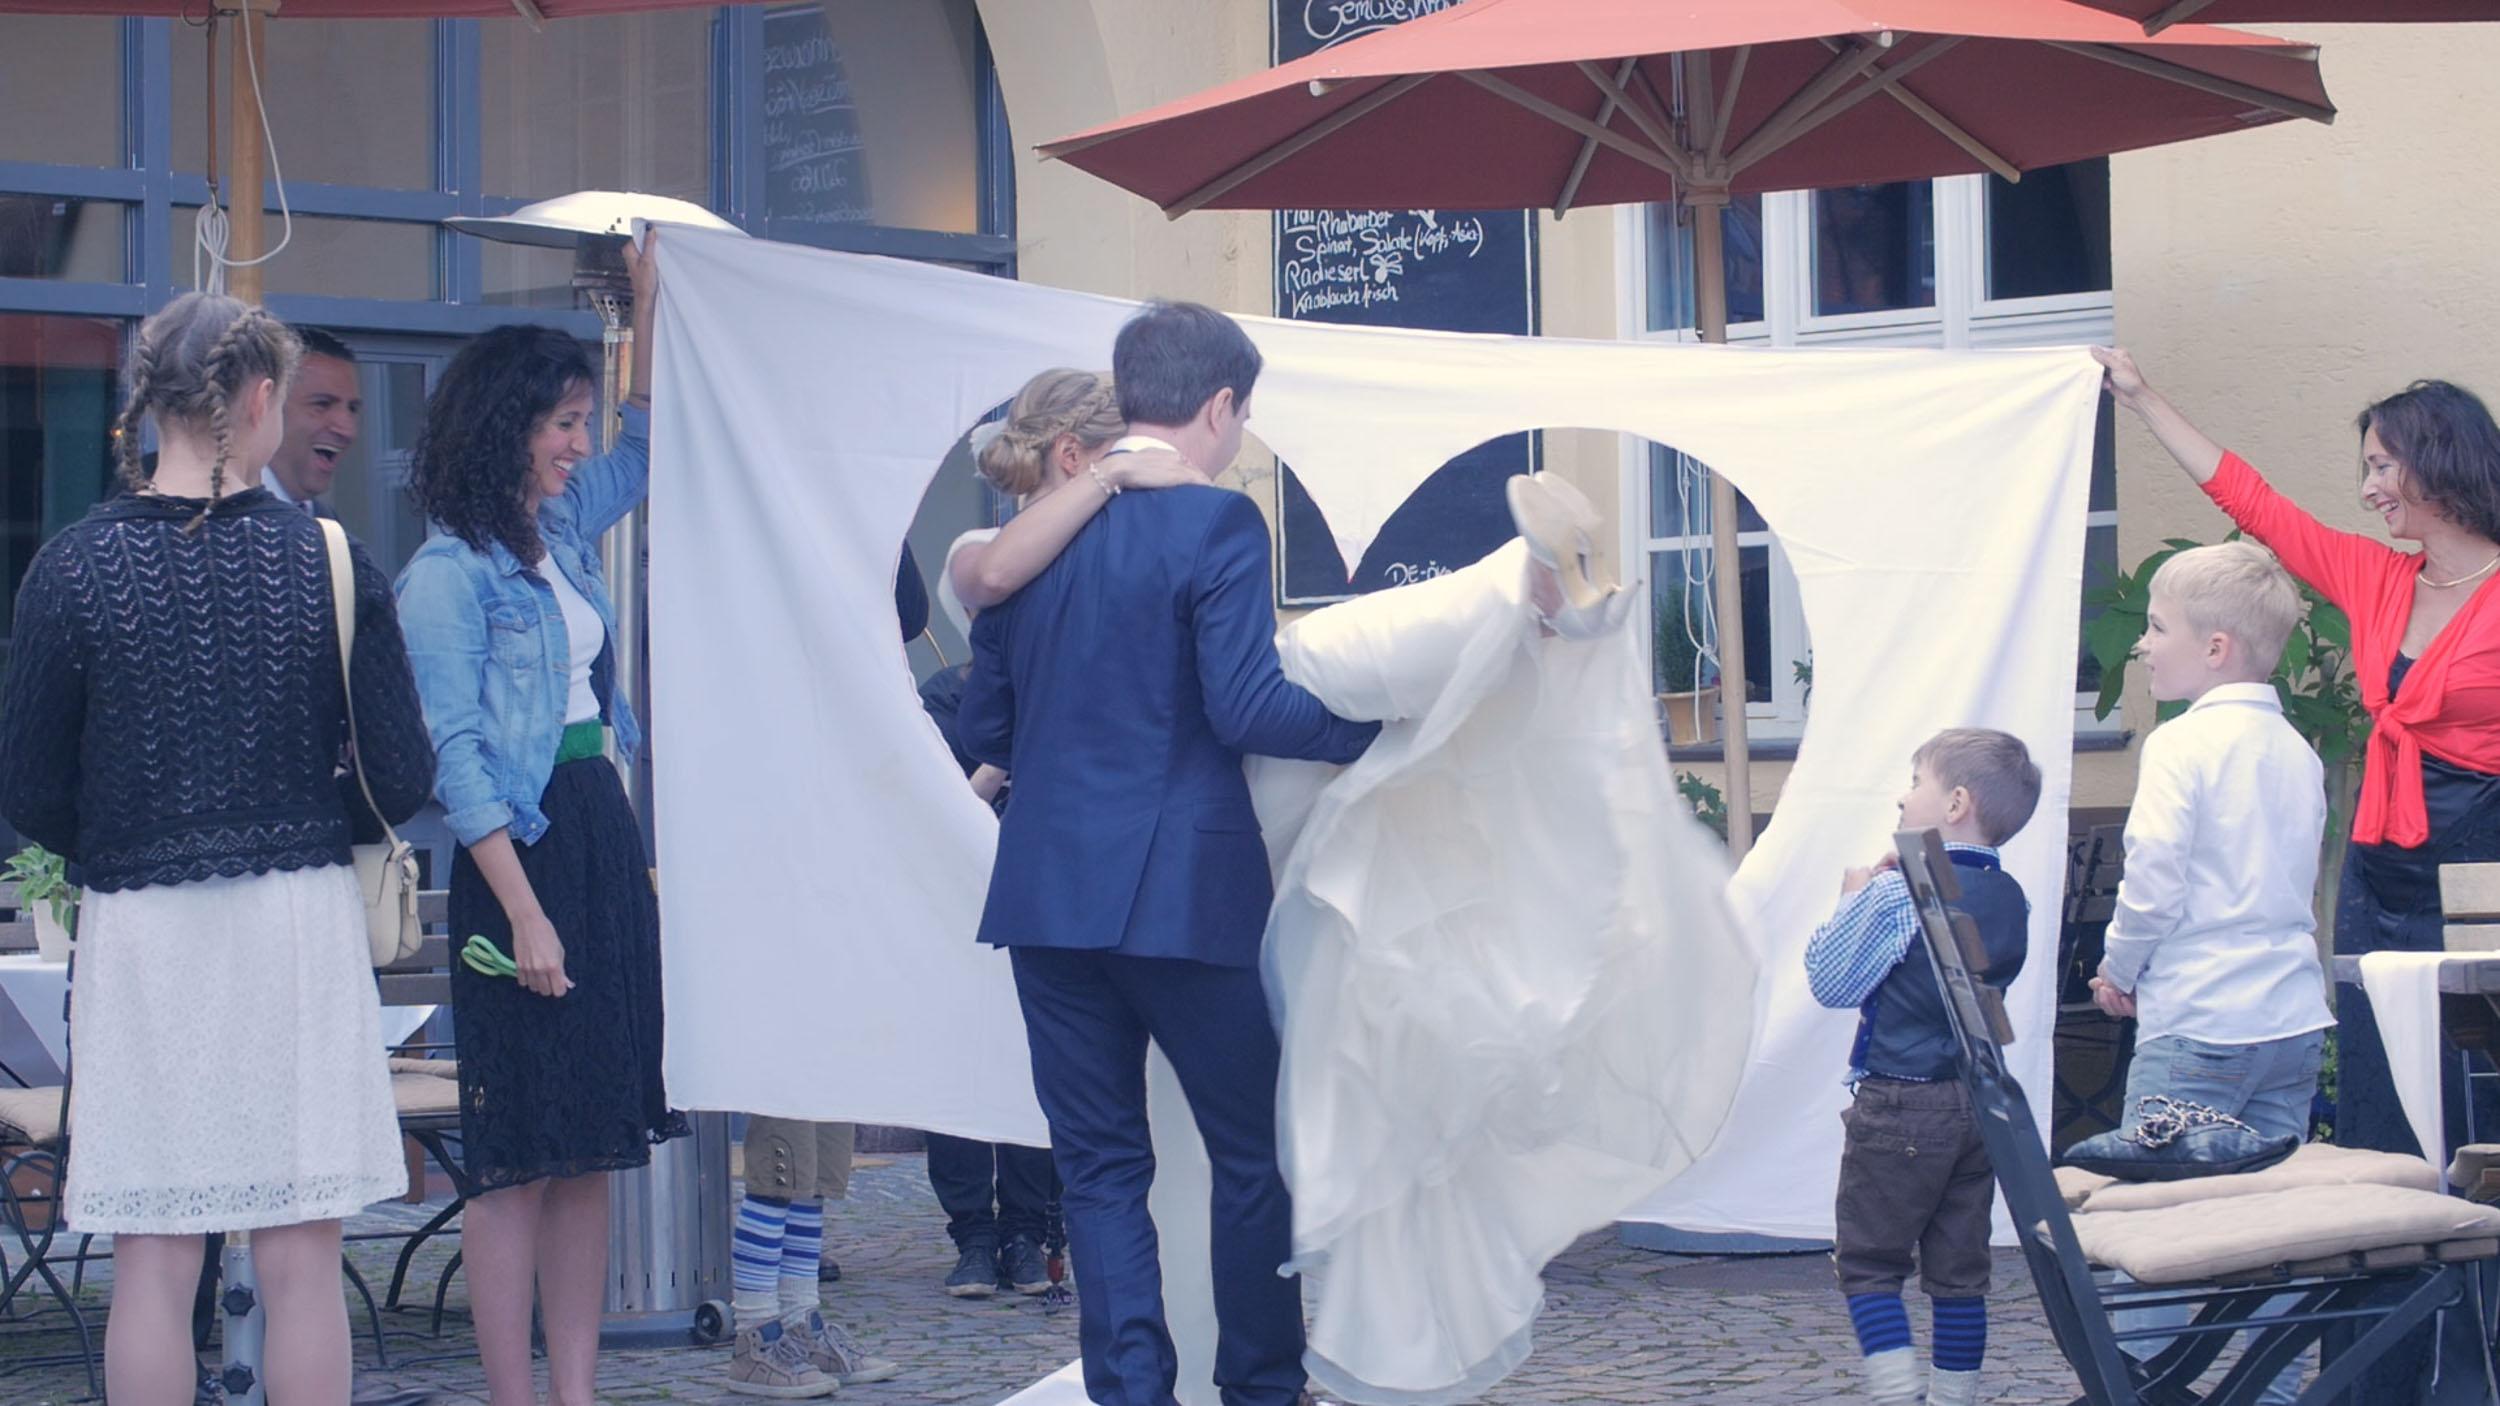 Hochzeitsvideos-Süddeutschland-Brautpaar-Screenshot-Hochzeit-film-video-fotografie.jpg